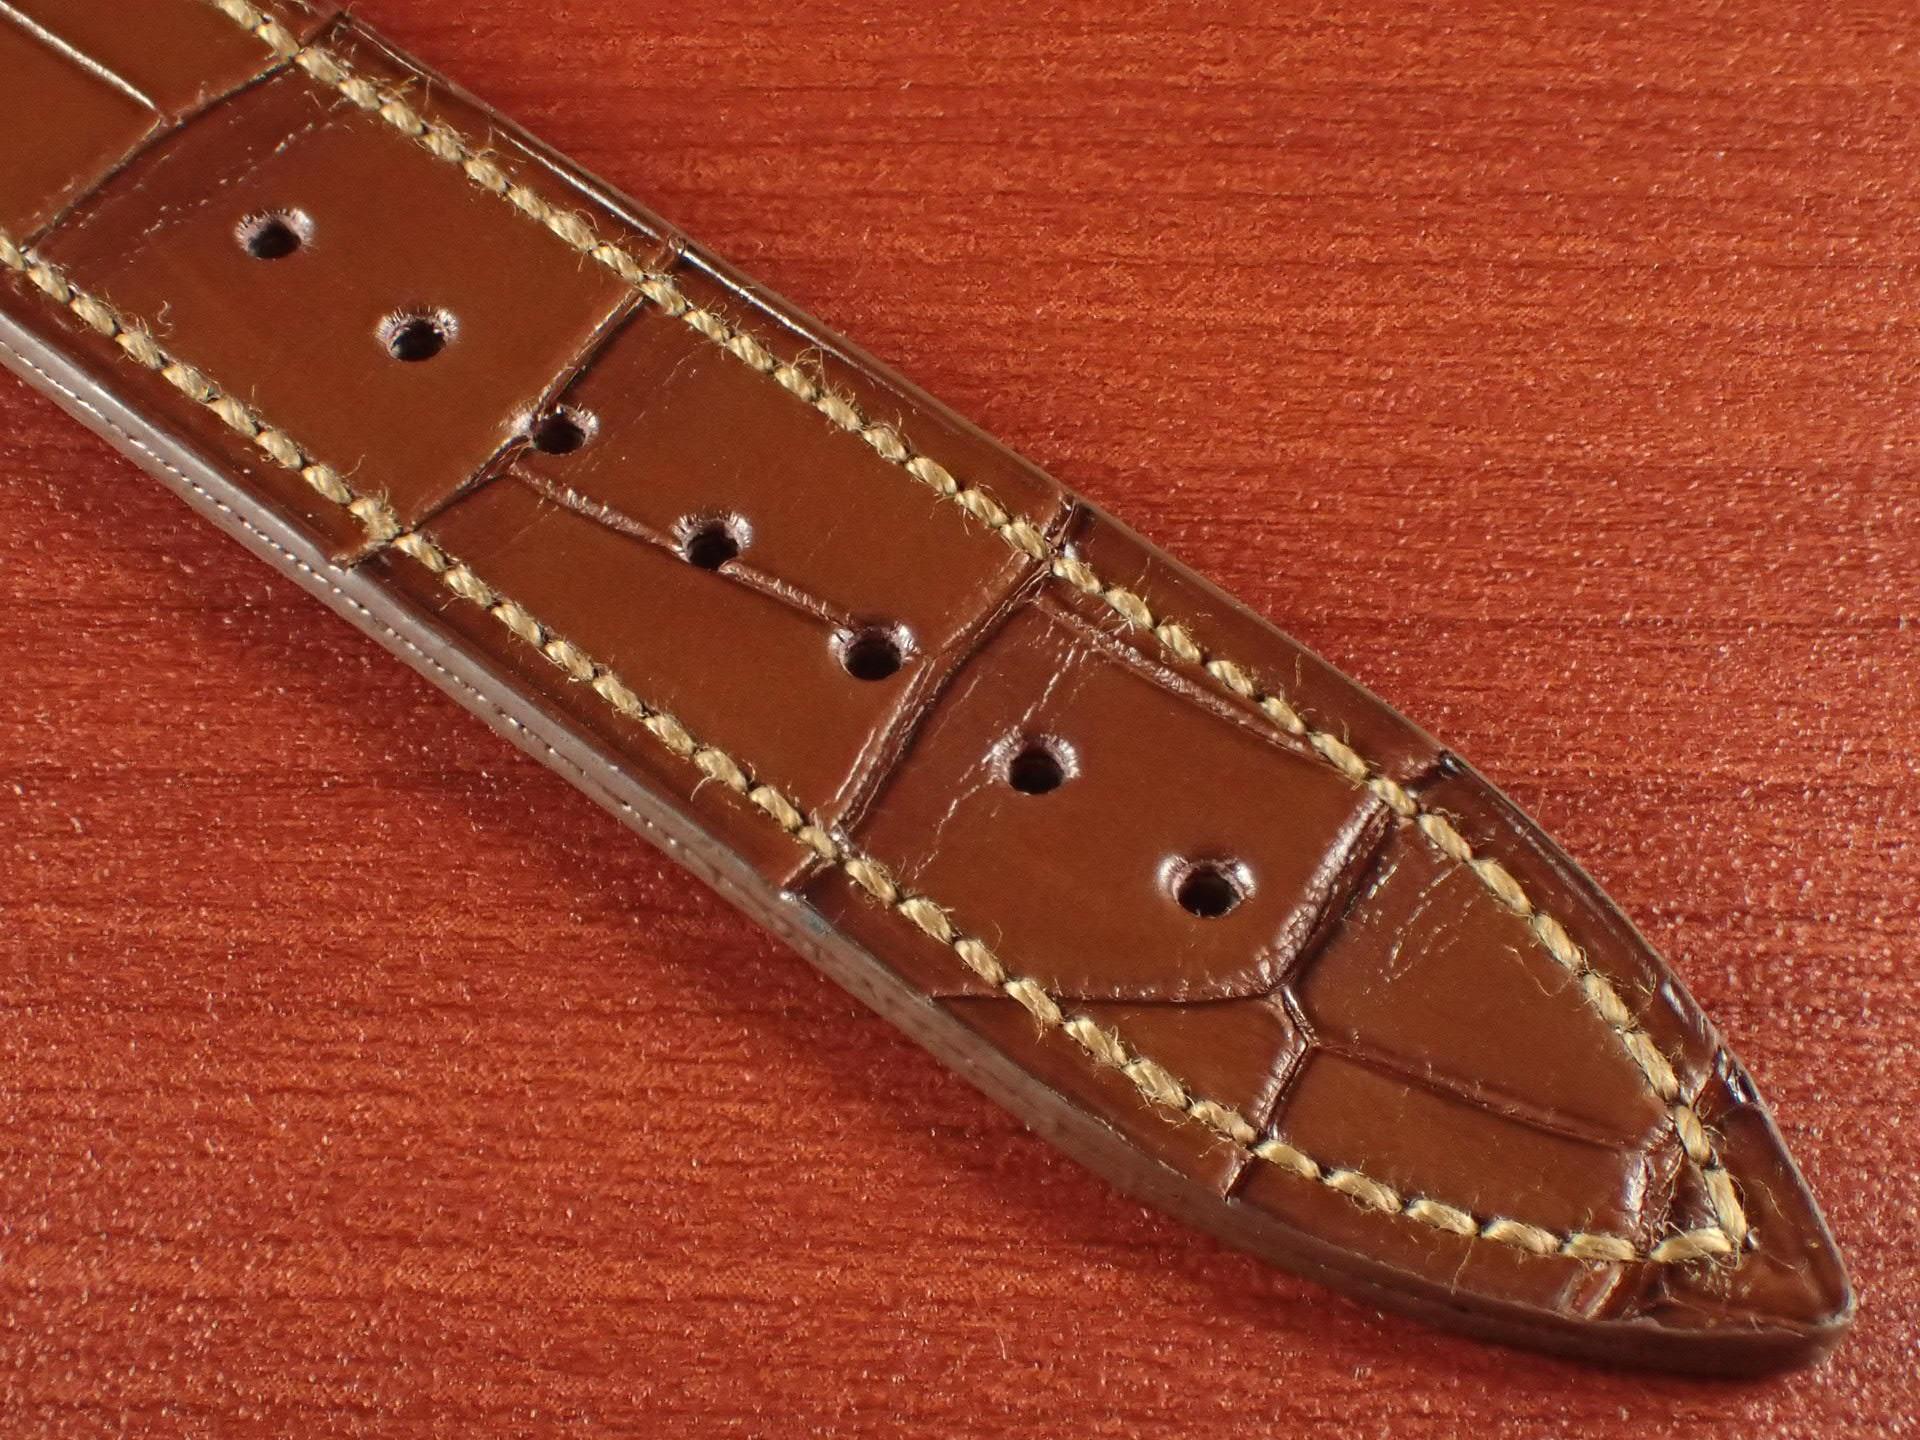 ジャン・クロード ペラン革ベルト クロコダイル ライトブラウン 18mmの写真5枚目